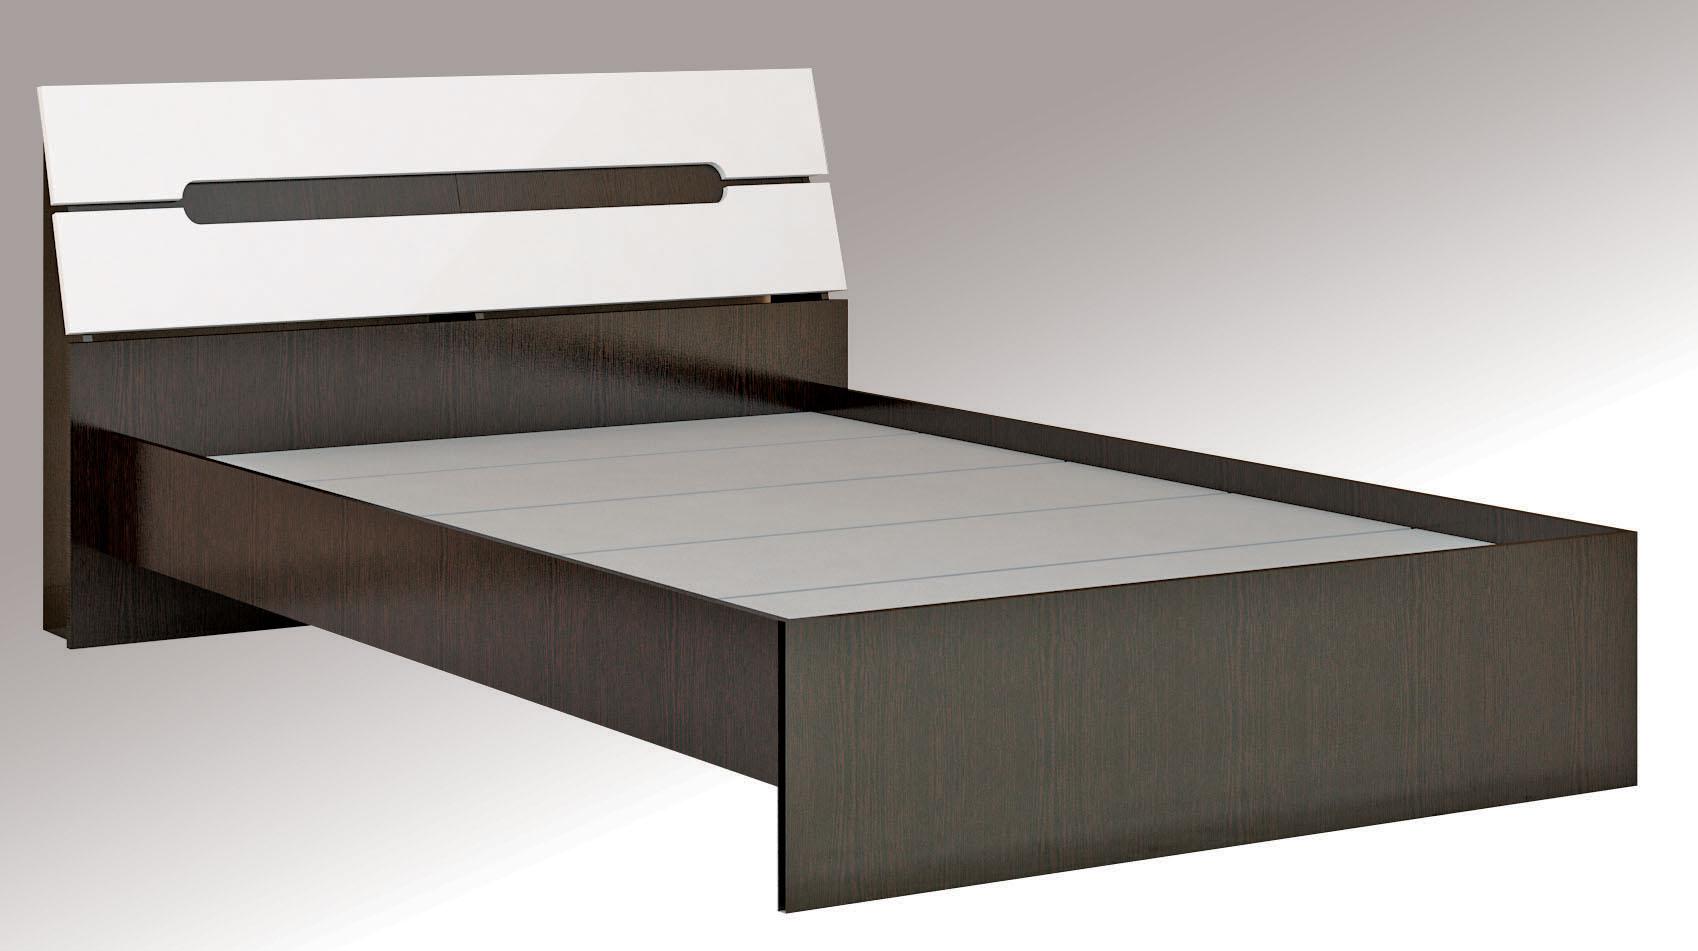 Кровать Гавана 1,6 с основанием ДСП, без матраса Глянец